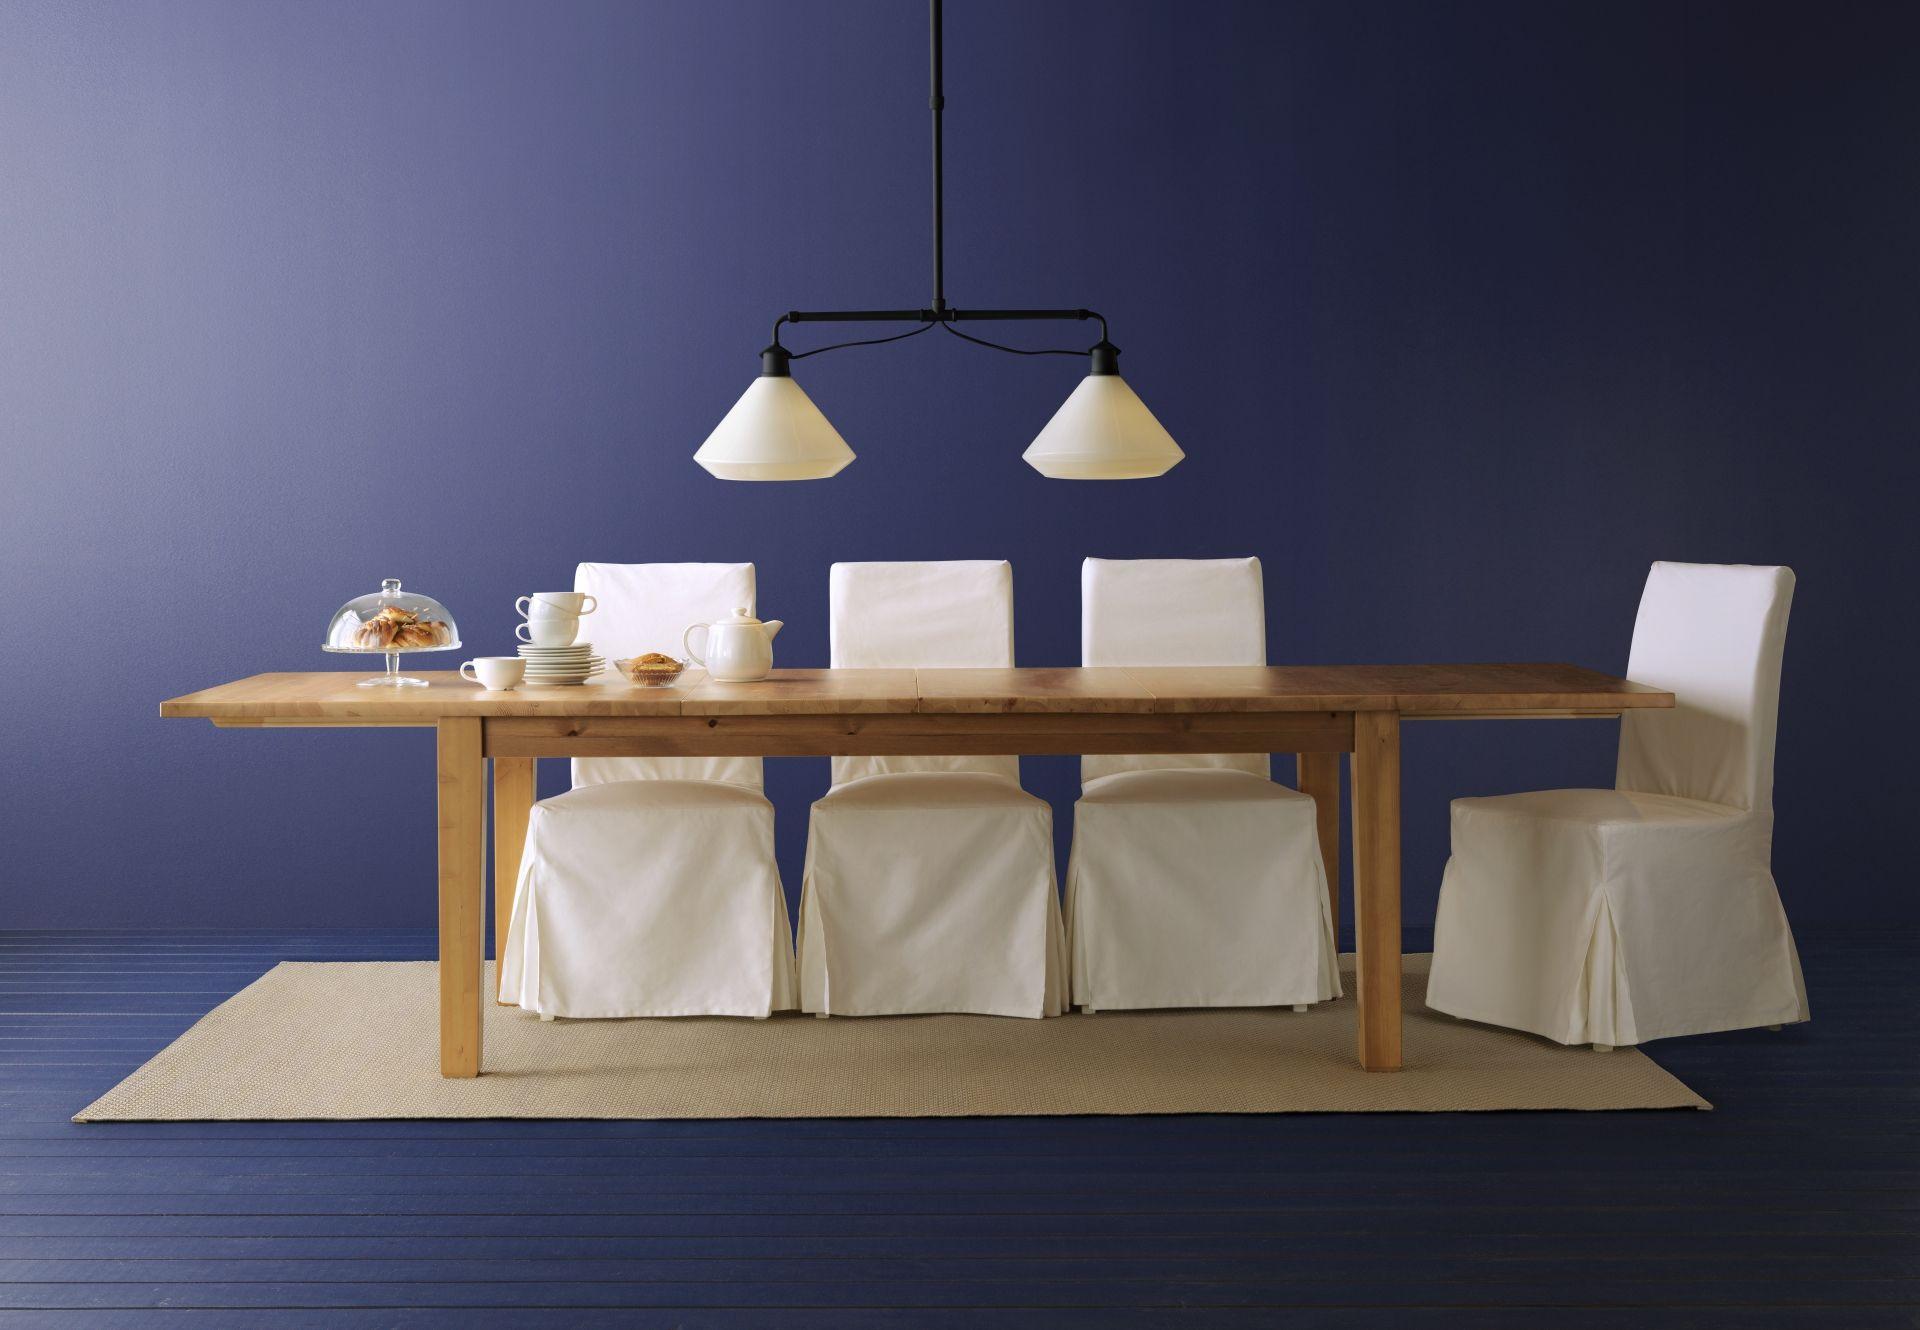 Stoelen Eetkamer Ikea : Ikea stoelen buiten de pittige kleuren zijn precies wat je nodig